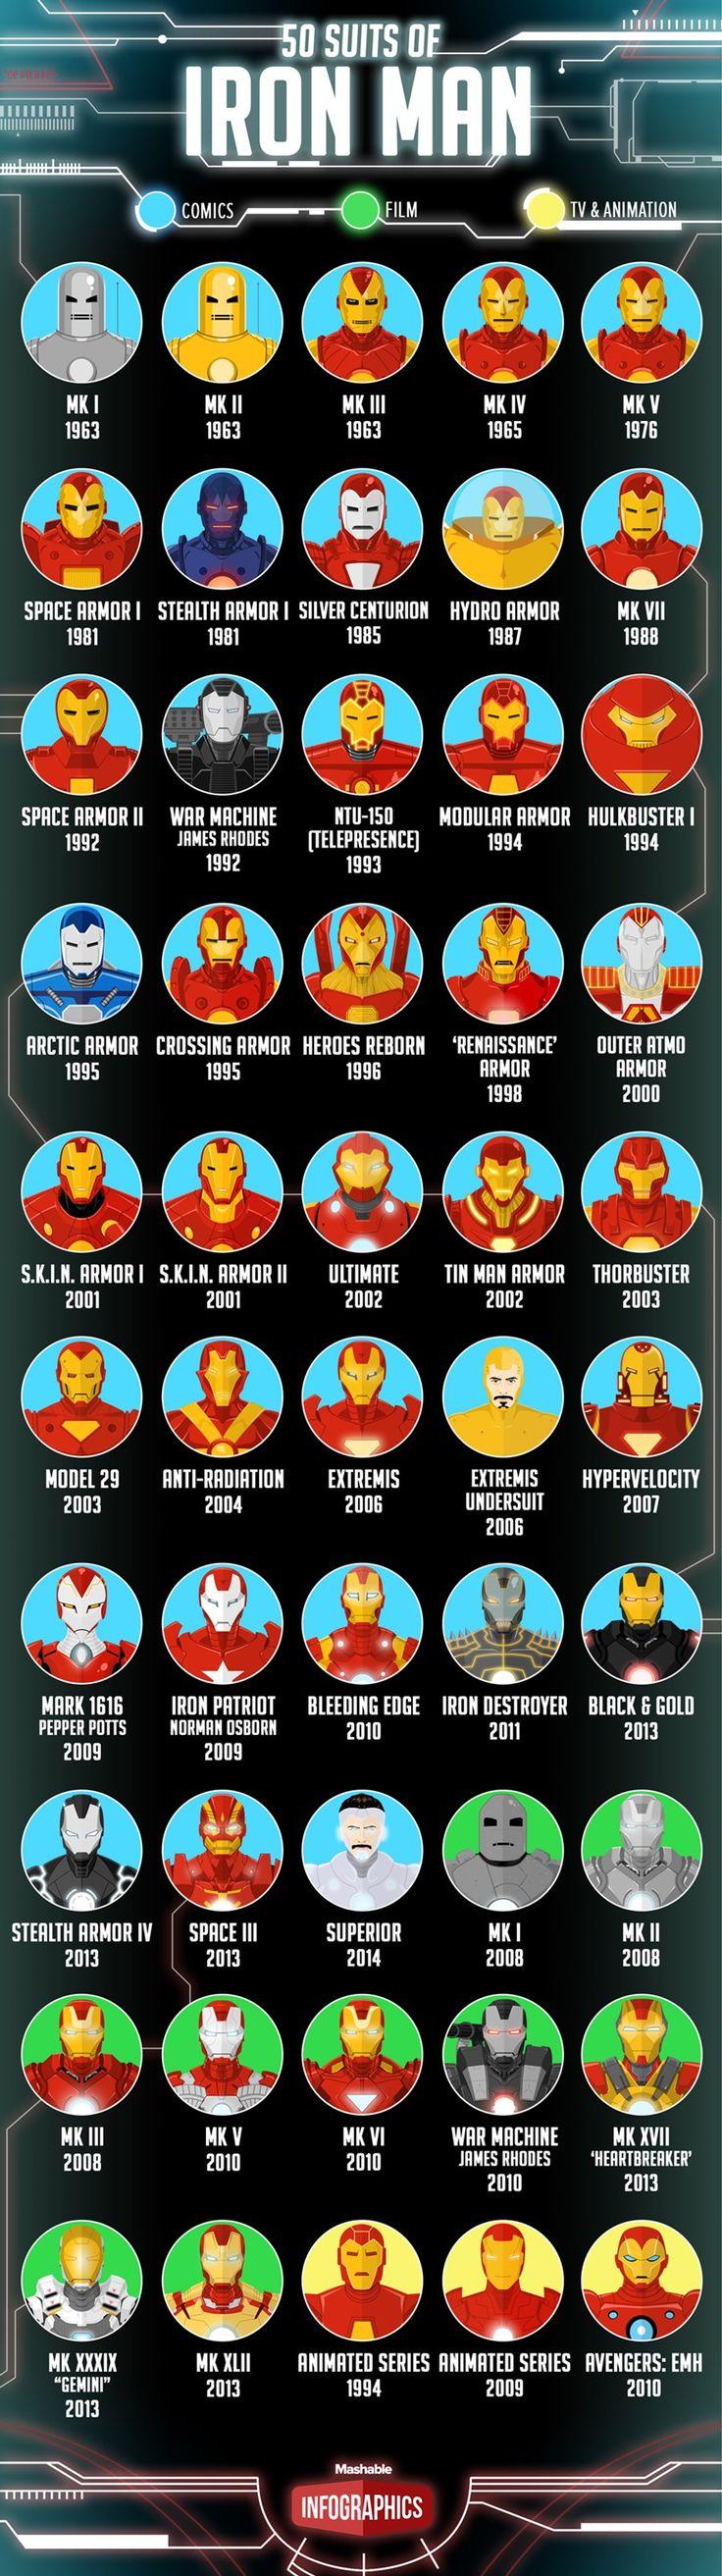 Infográfico reúne 50 armaduras que já foram utilizadas pelo Homem de Ferro - TecMundo